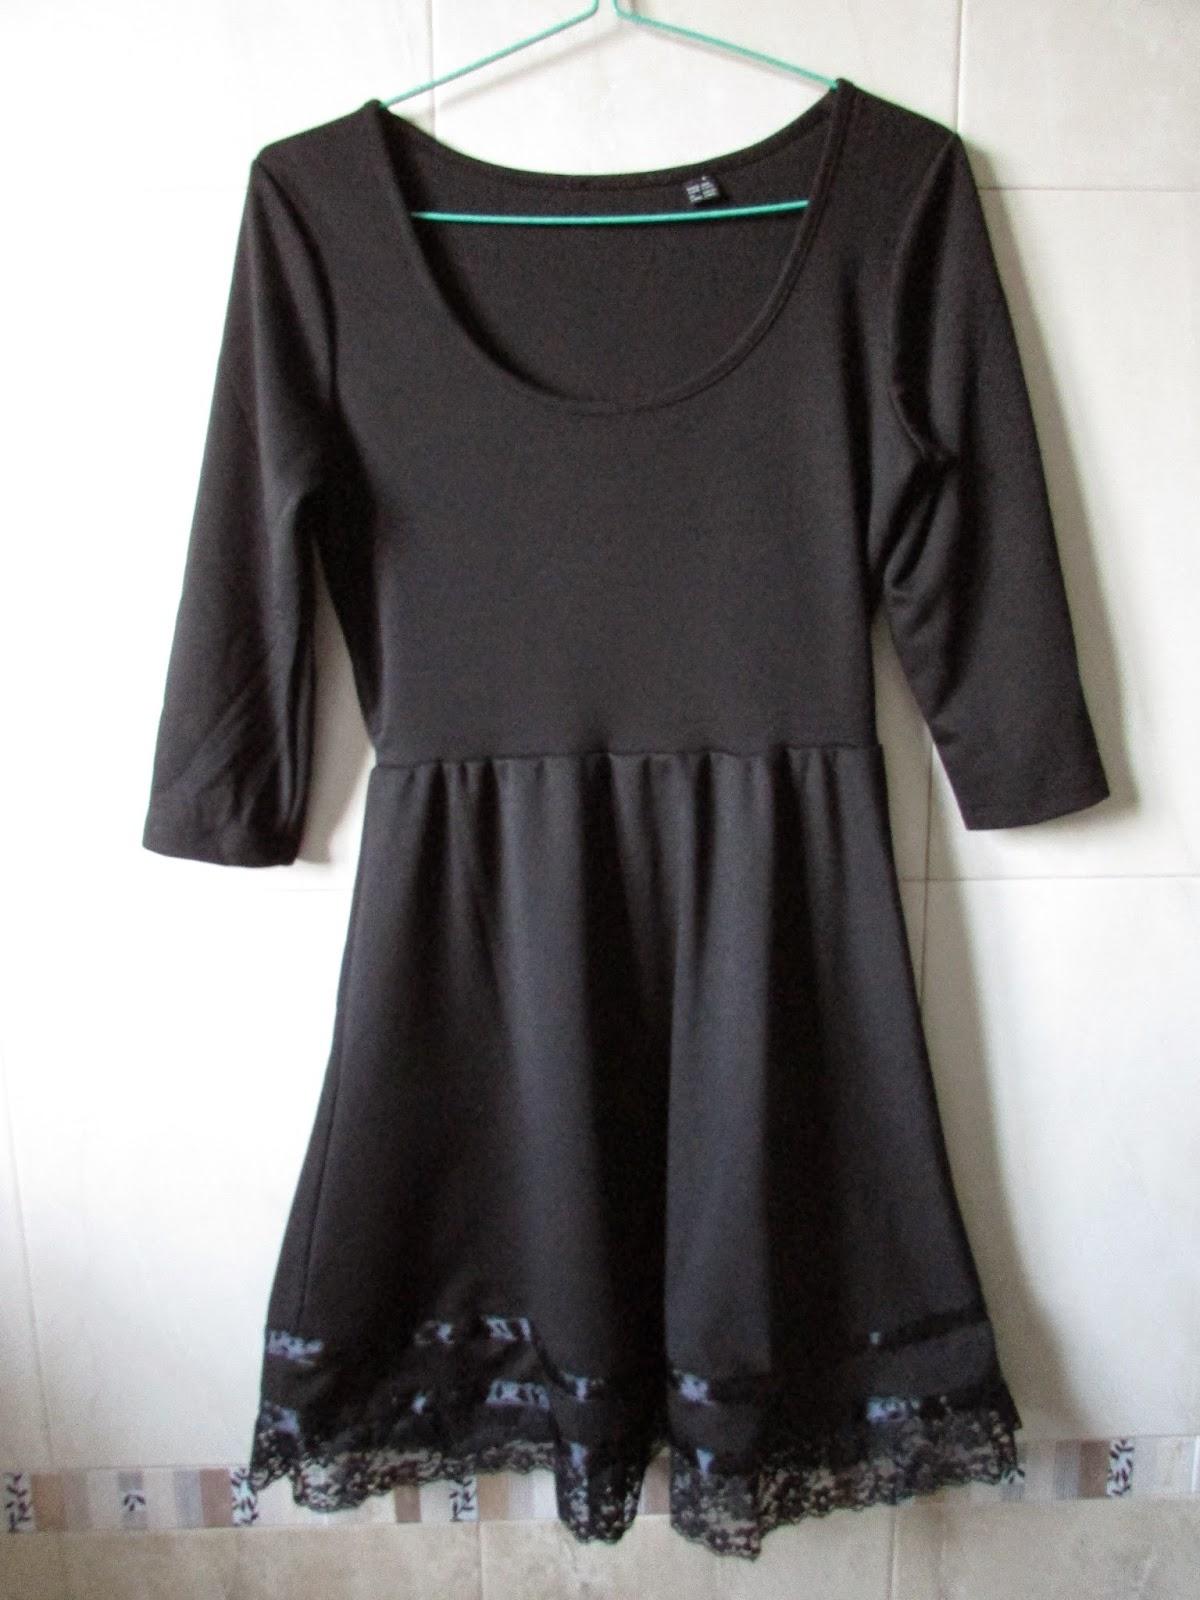 Vestido adaptado y customizado con encaje y lazo